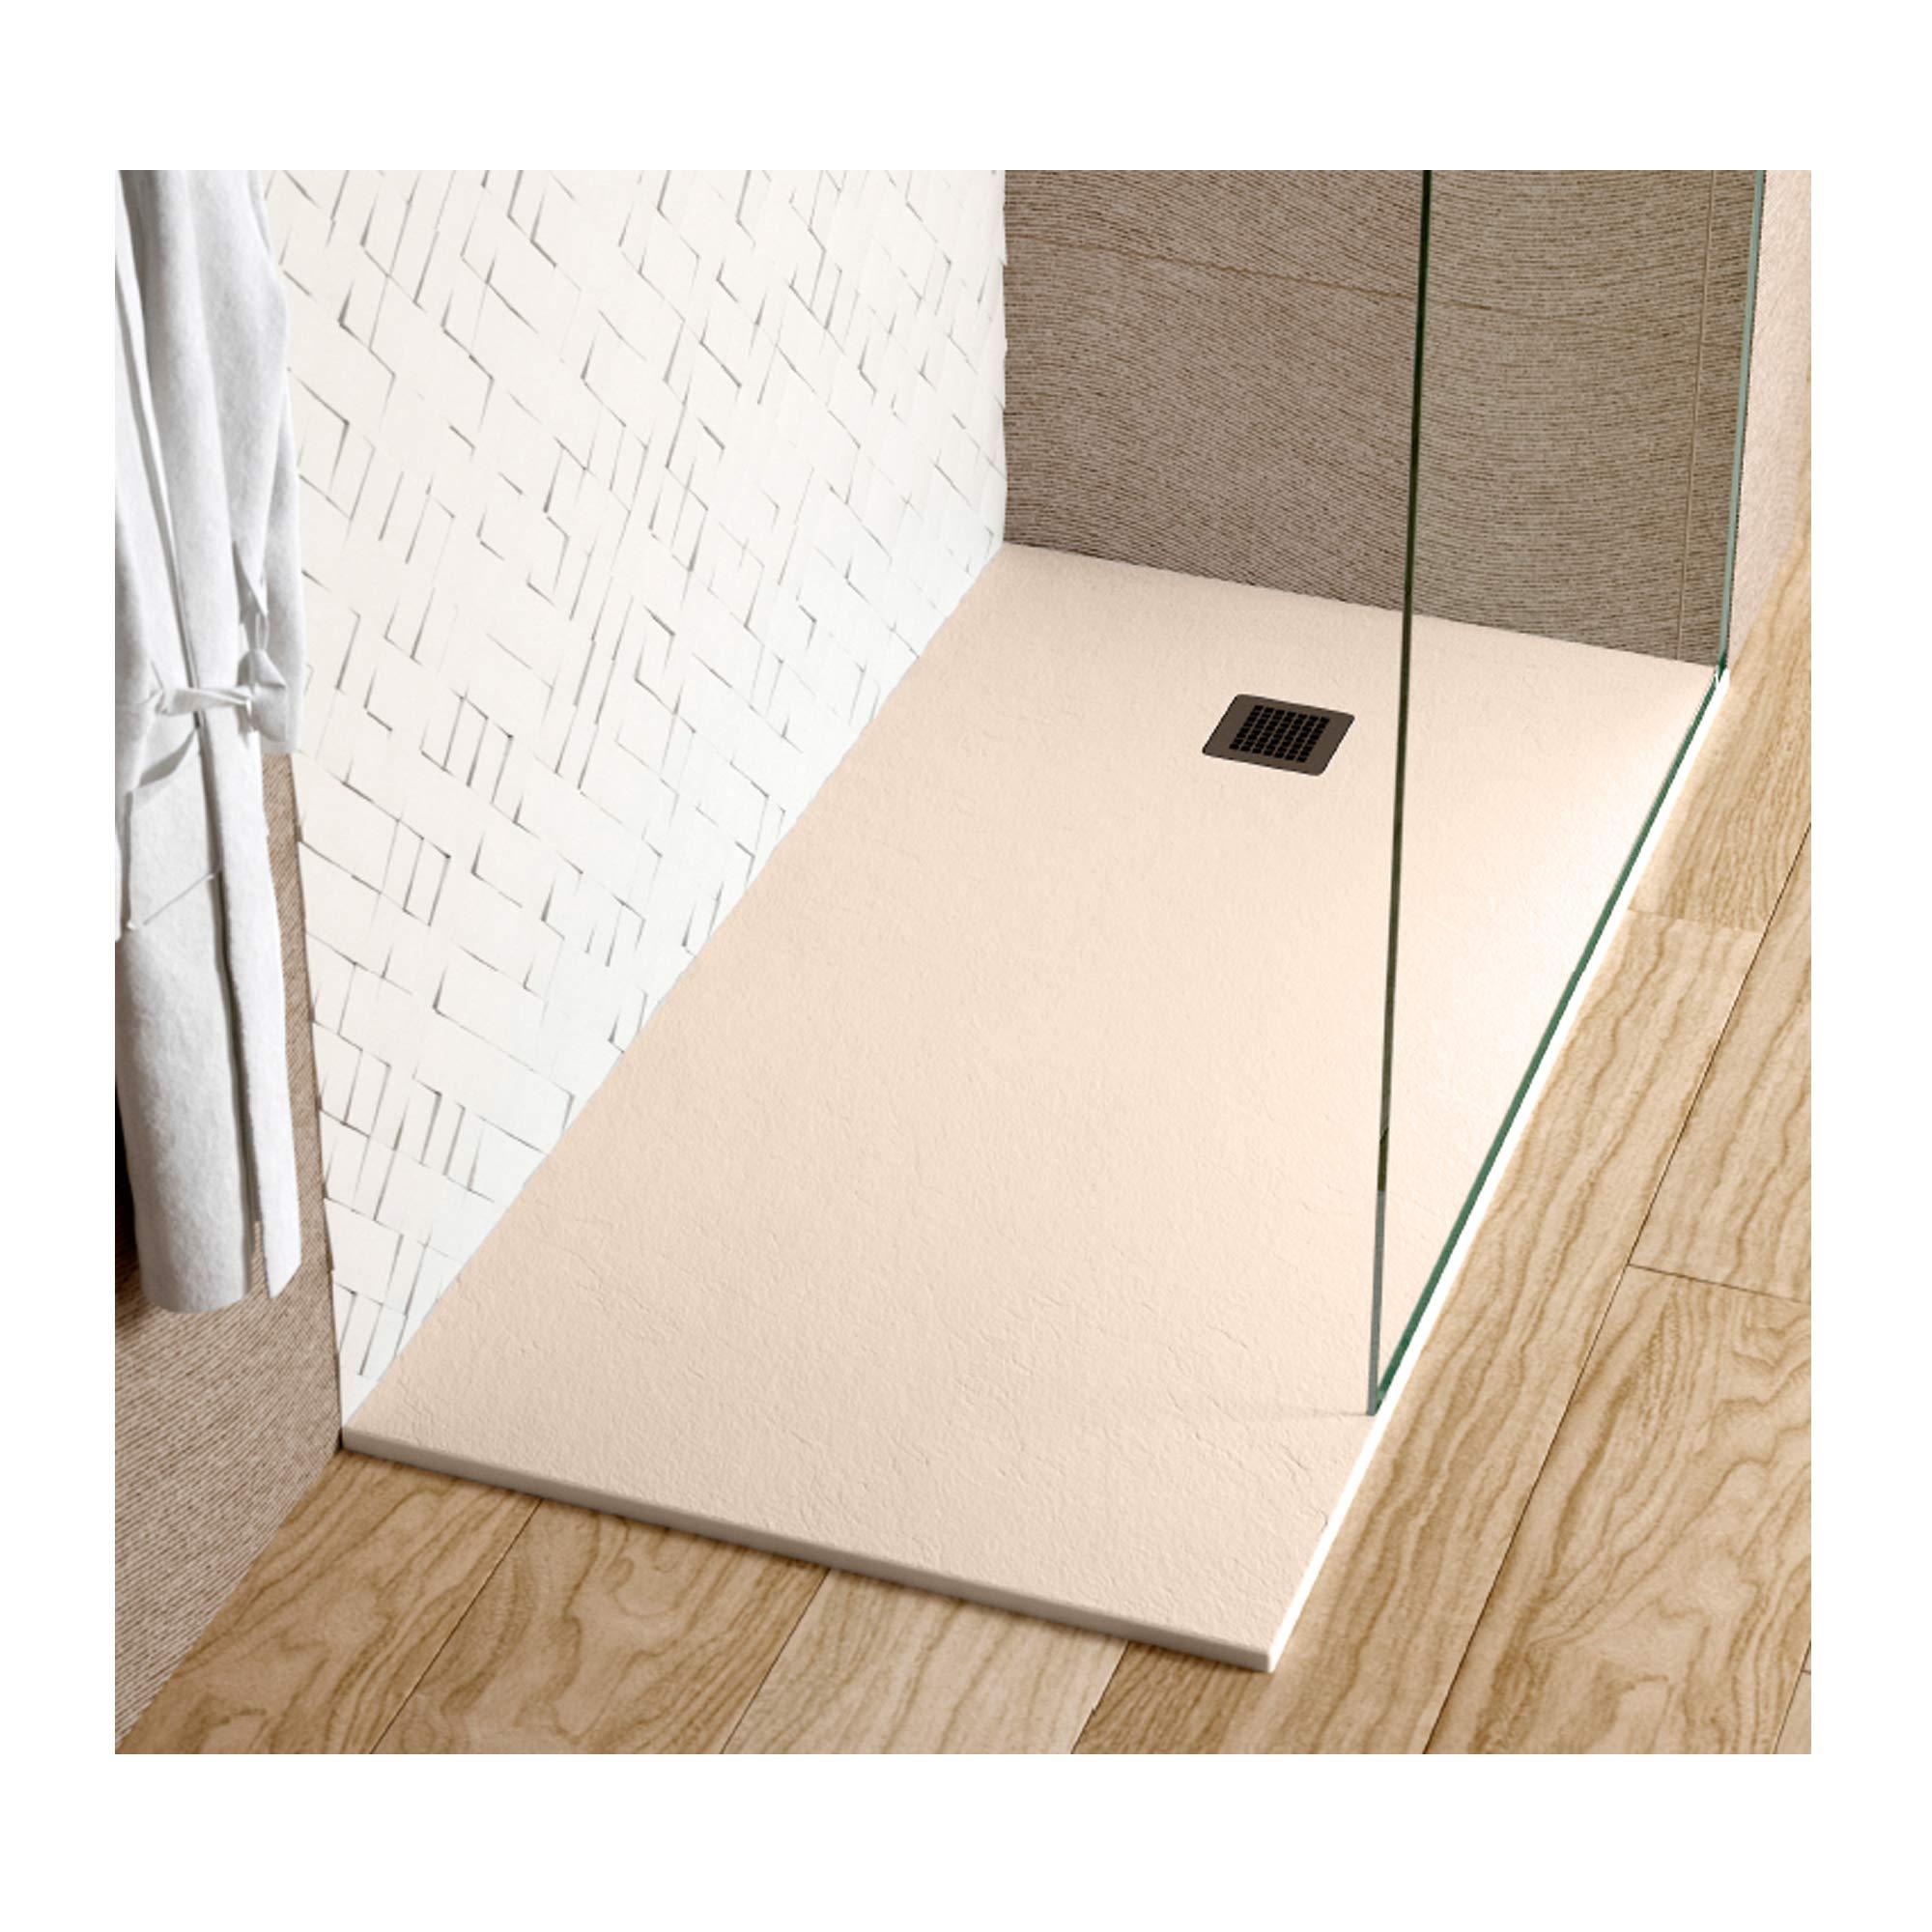 Plato de ducha IBIZA en Resina con textura Pizarra. (100 x 80 cm, Beige): Amazon.es: Bricolaje y herramientas